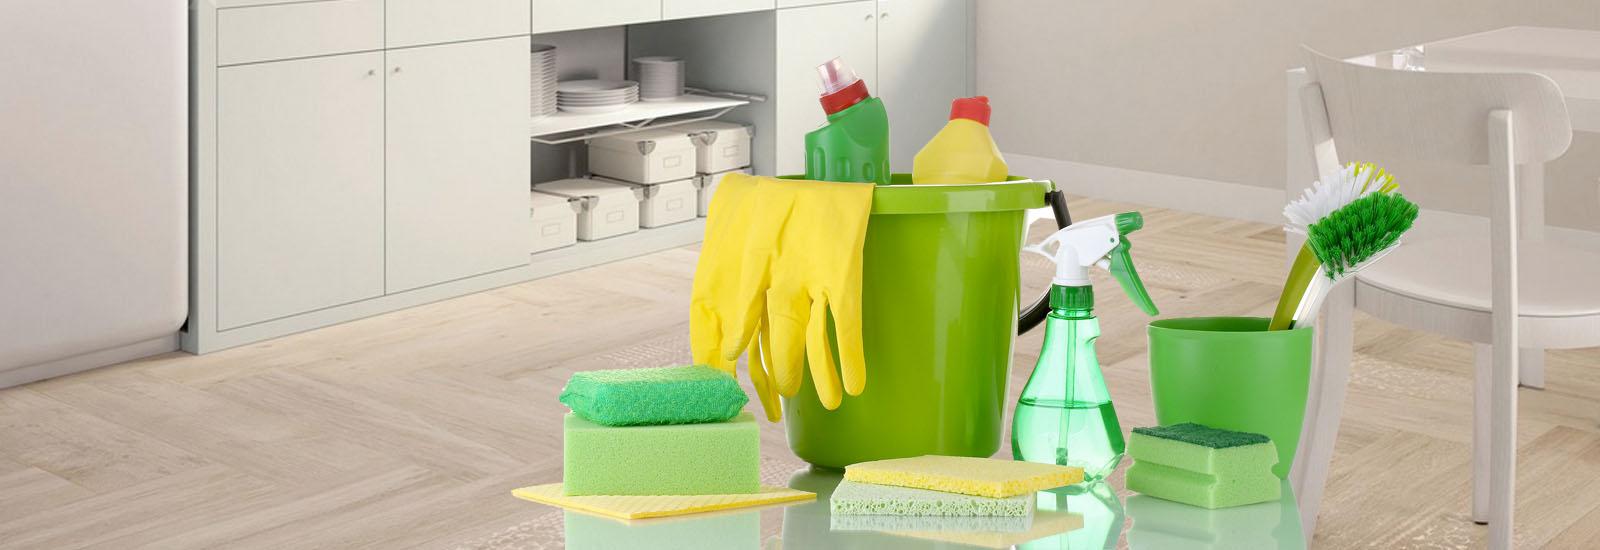 بالصور تنظيف منازل , اهميه تنظيف المنزل 5083 10